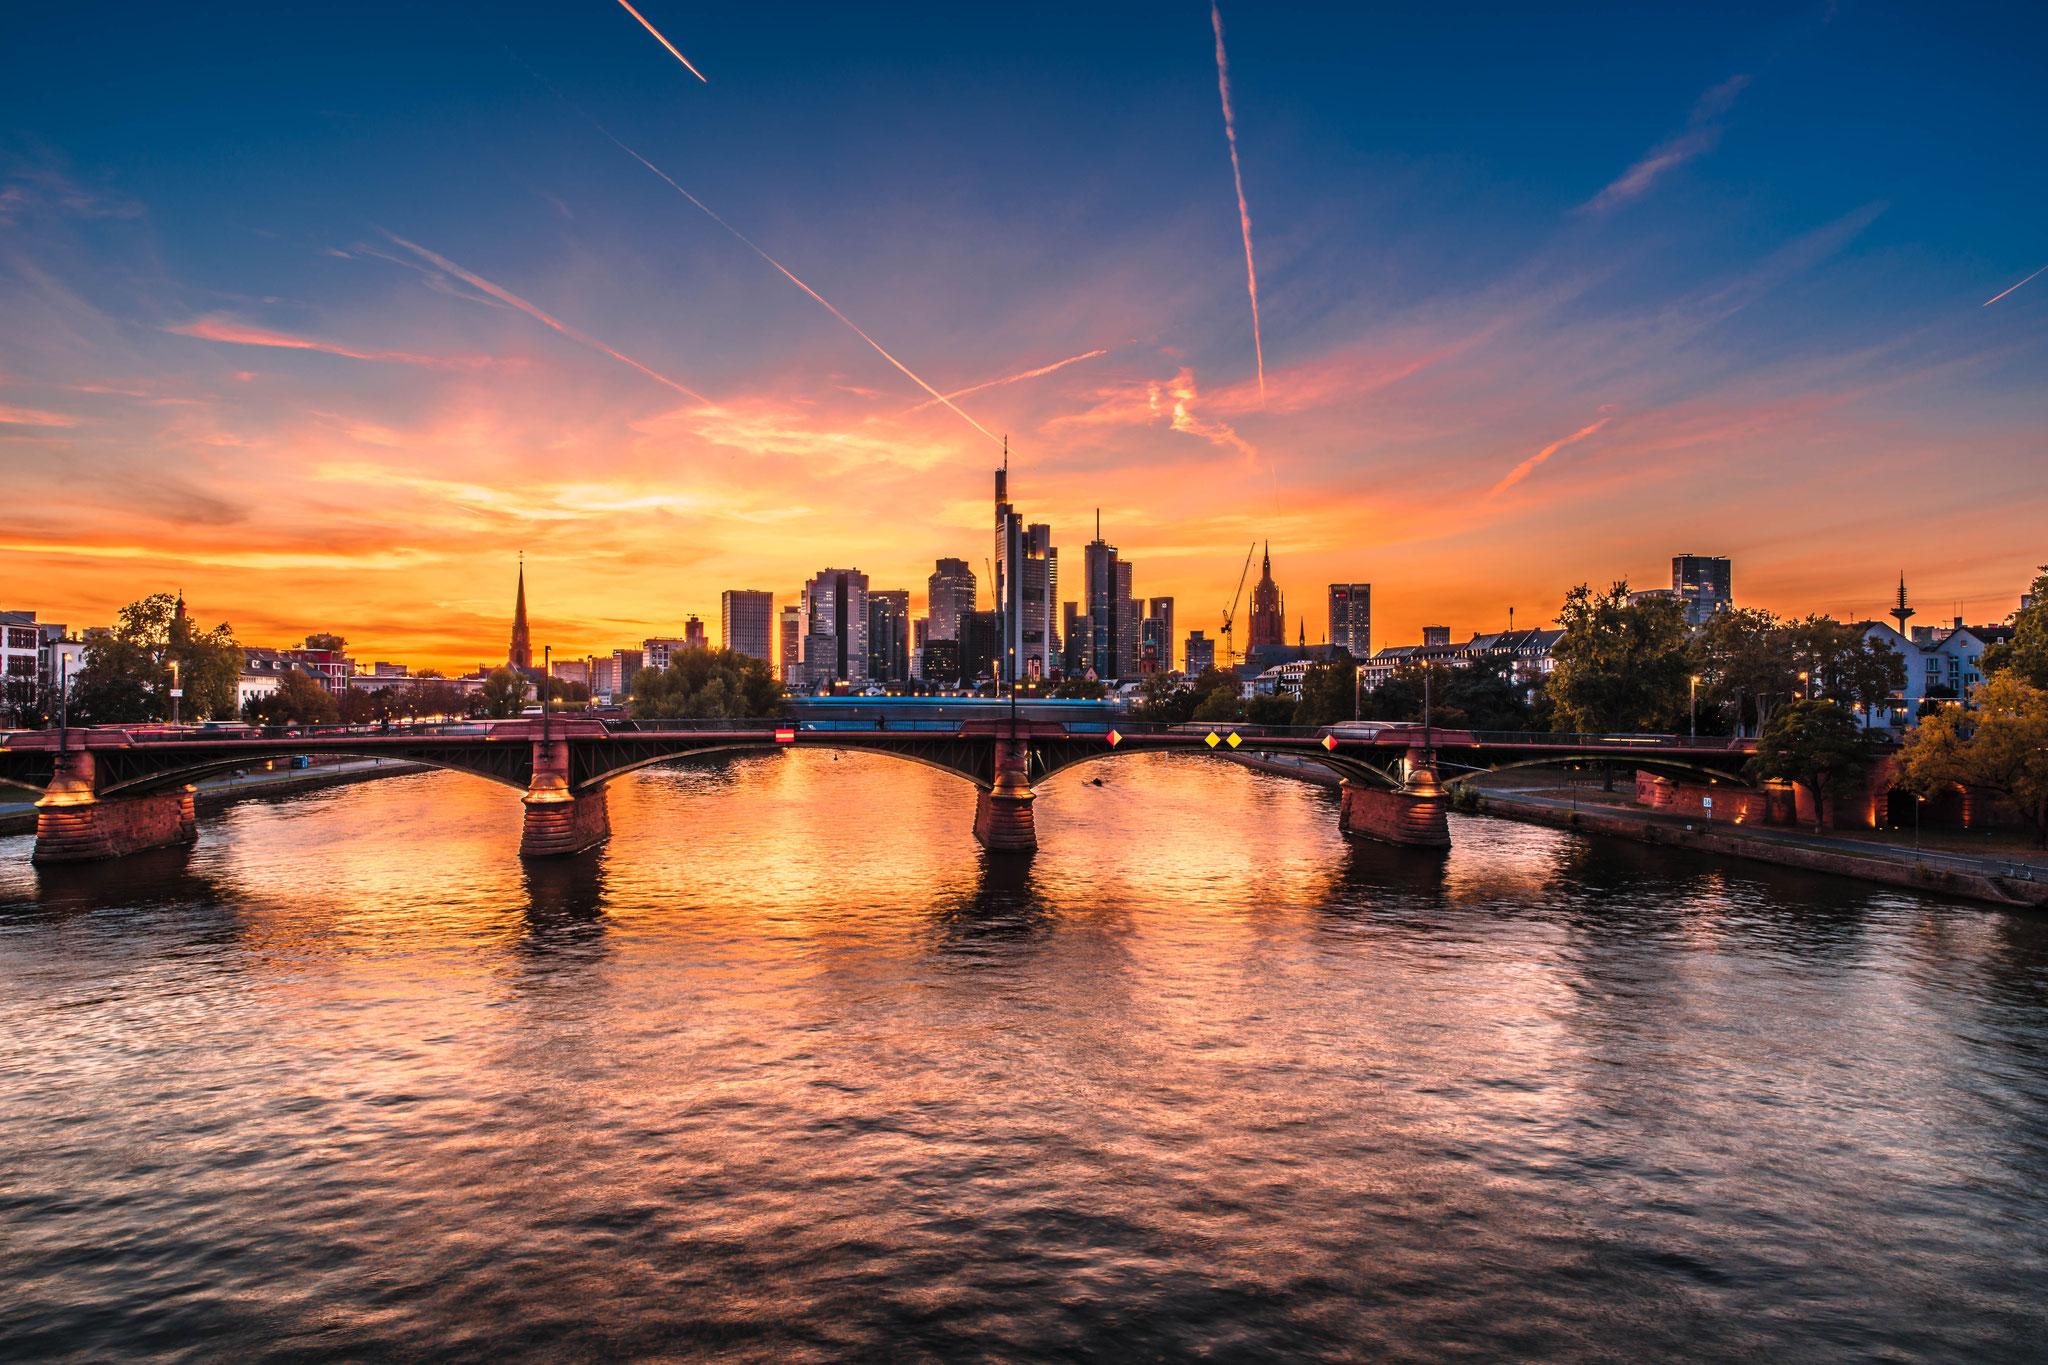 Blick auf die Skyline oder Mainhatten von Frankfurt am Main und die Ignatz-Bubis-Brücke